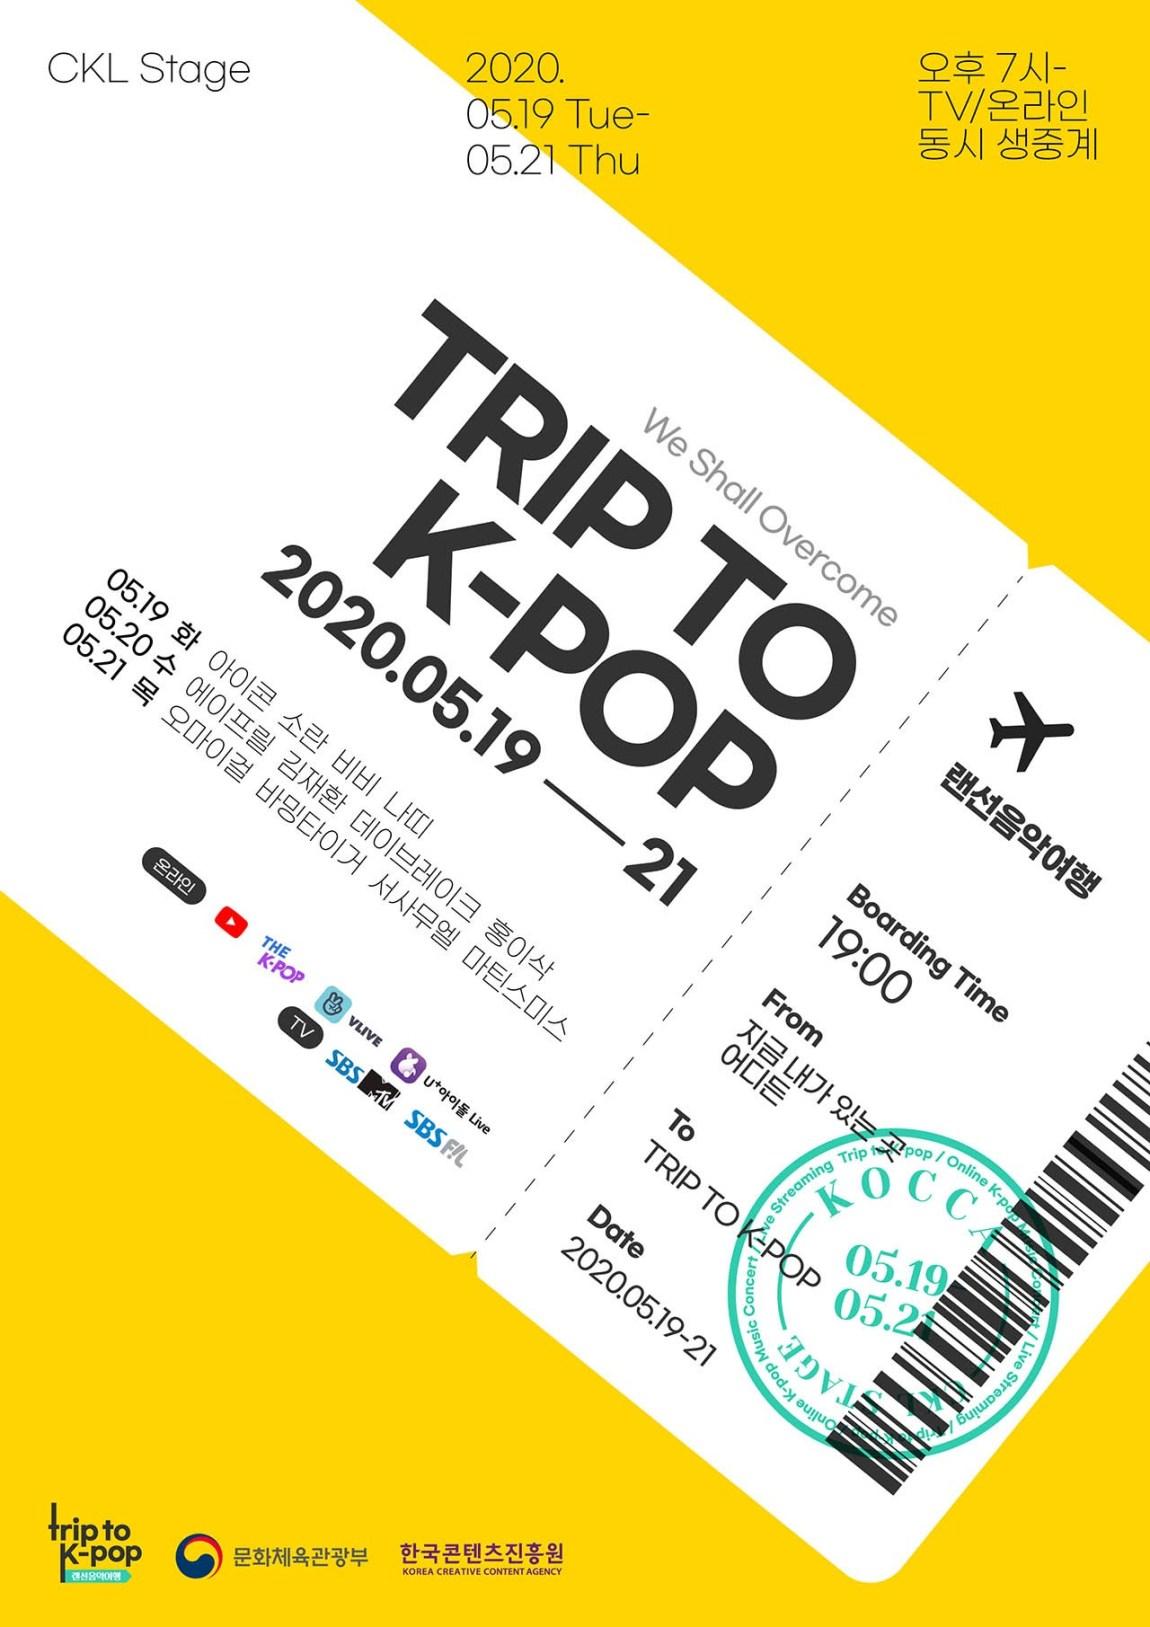 trip to kpop